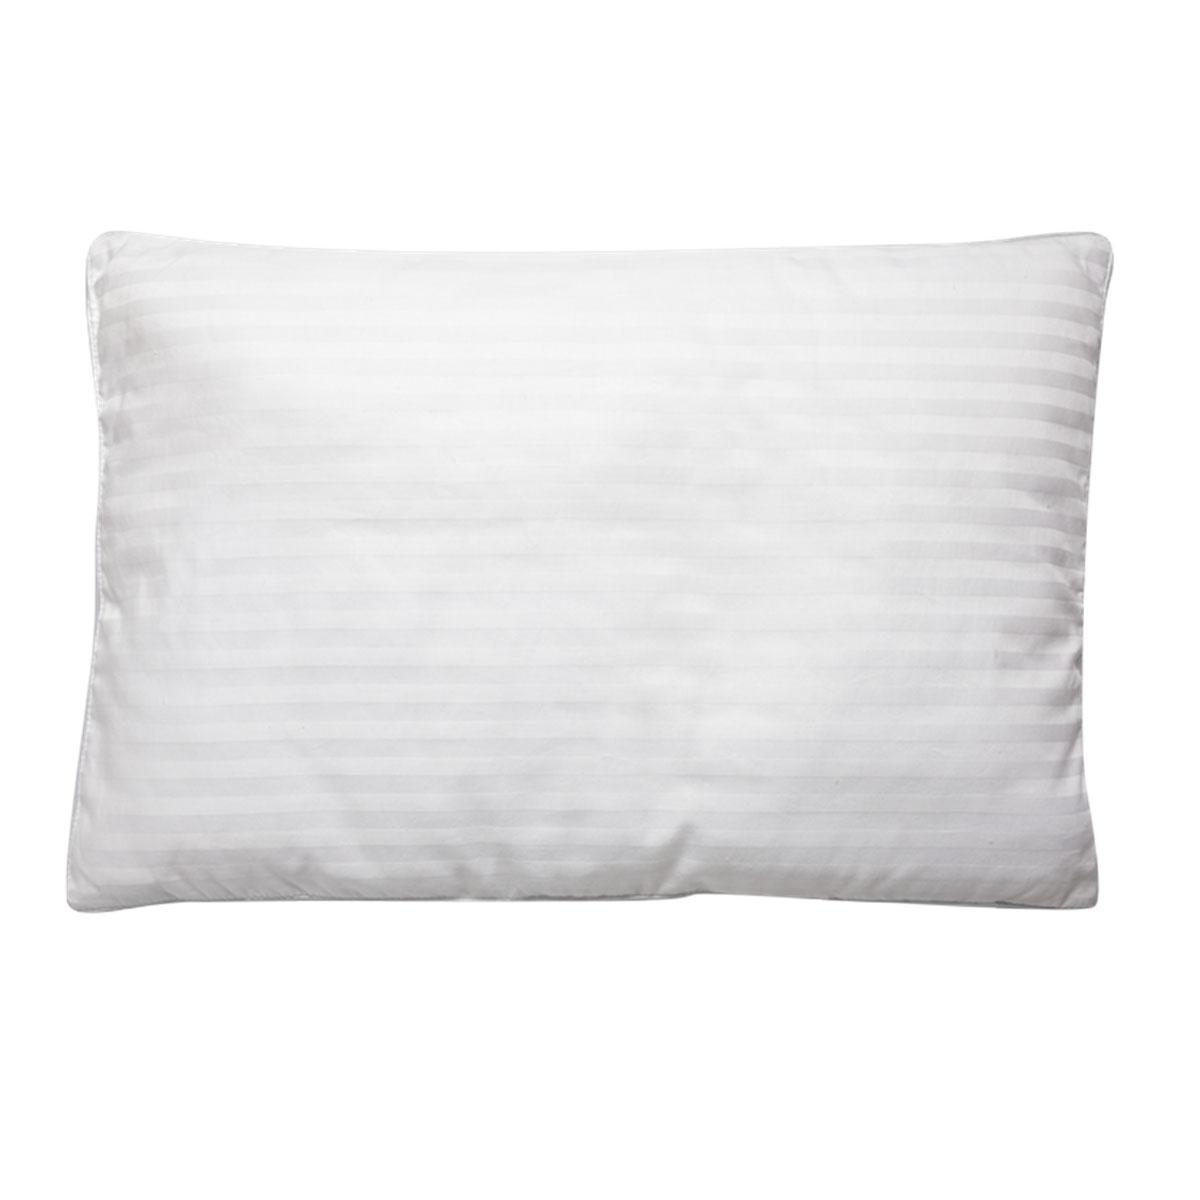 Подушка детская Fani, 40 х 60 см. 113415706-10S03301004Детская подушка Fani изготовлена из белого итальянского сатина с жаккардовым рисунком с наполнителем из волокна бамбука (пласт под чехлом) и полиэфира. По краям подушка украшена атласной окантовкой. Бамбук является природным антисептиком, обладающим уникальными антибактериальными и дезодорирующими свойствами. Также бамбуковое волокно является абсолютно гипоаллергенным наполнителем, что делает его идеальным для постели ребенка. Характеристики:Материал чехла: сатин, жаккард (100% хлопок). Наполнитель: 70% волокно бамбука, 30% полиэфир. Размер: 40 см х 60 см. Высота подушки: 4 см.